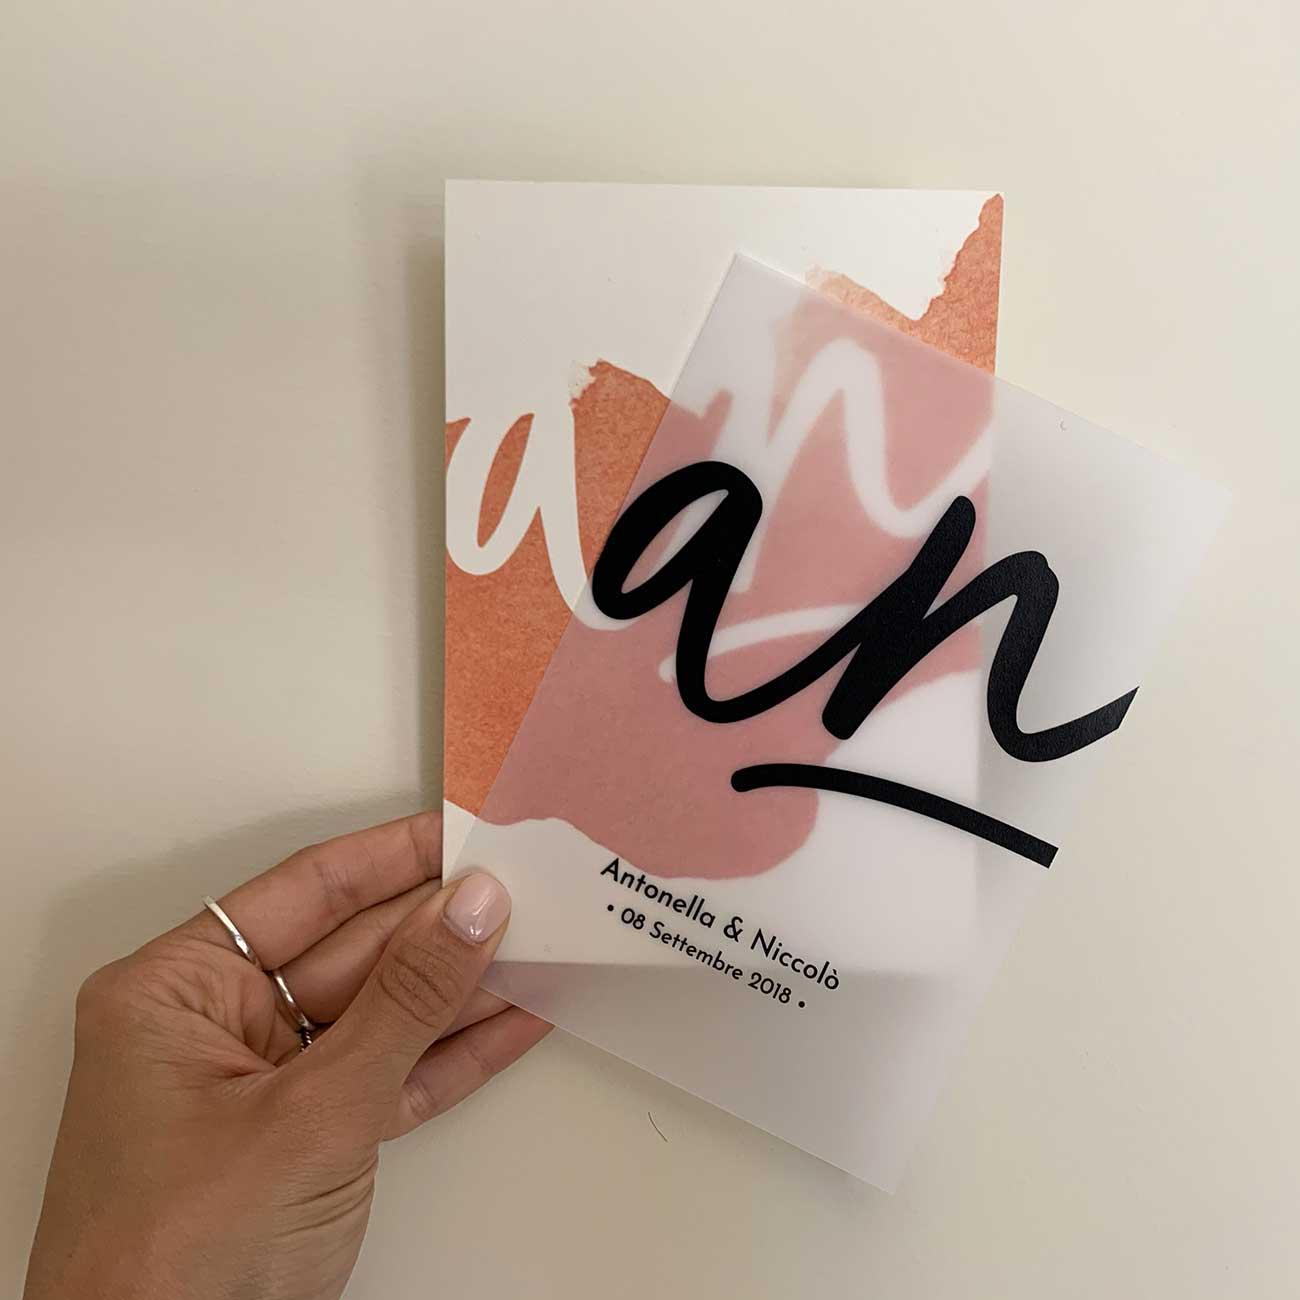 Invito Evento A/N- Portfolio, Progetto Undici, Firenze